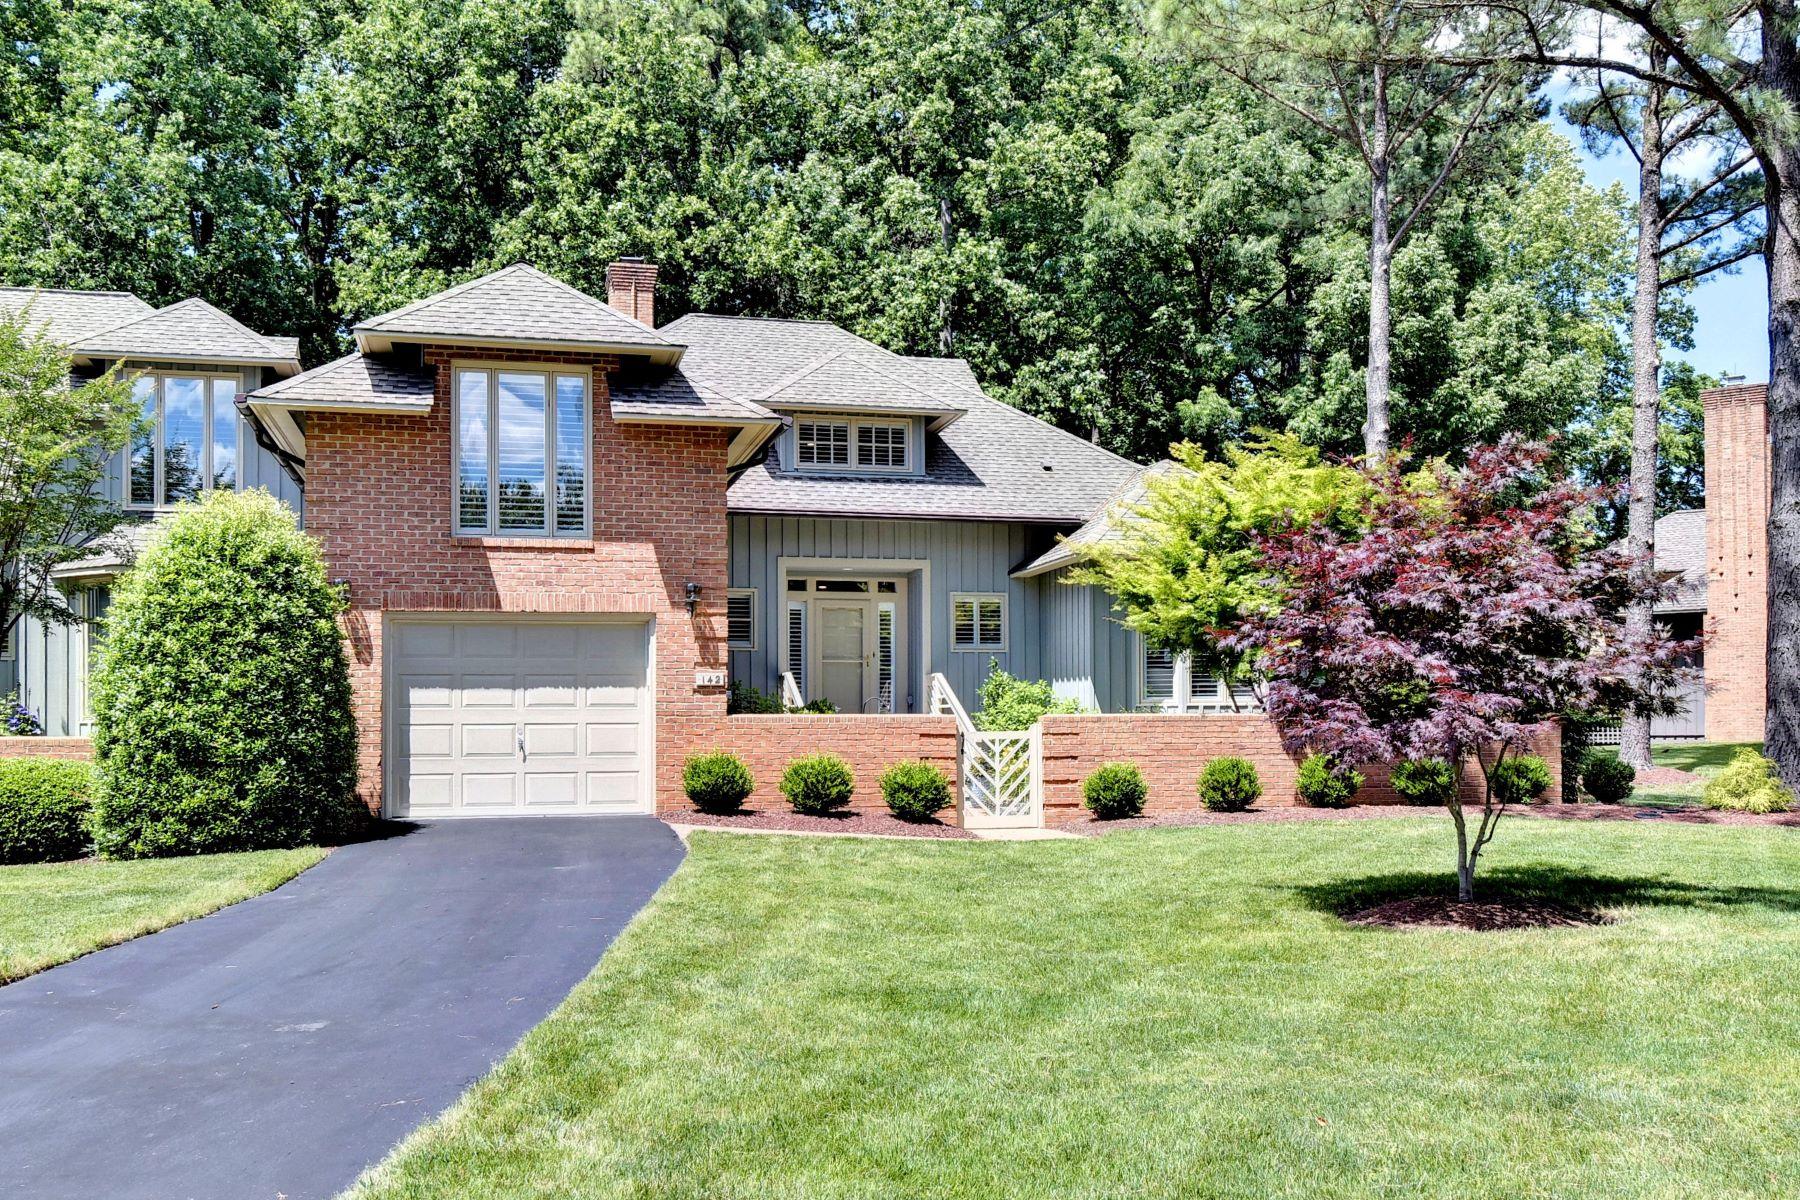 townhouses 為 出售 在 142 Wareham's Point, Williamsburg, VA 23185 Williamsburg, 弗吉尼亞州 23185 美國